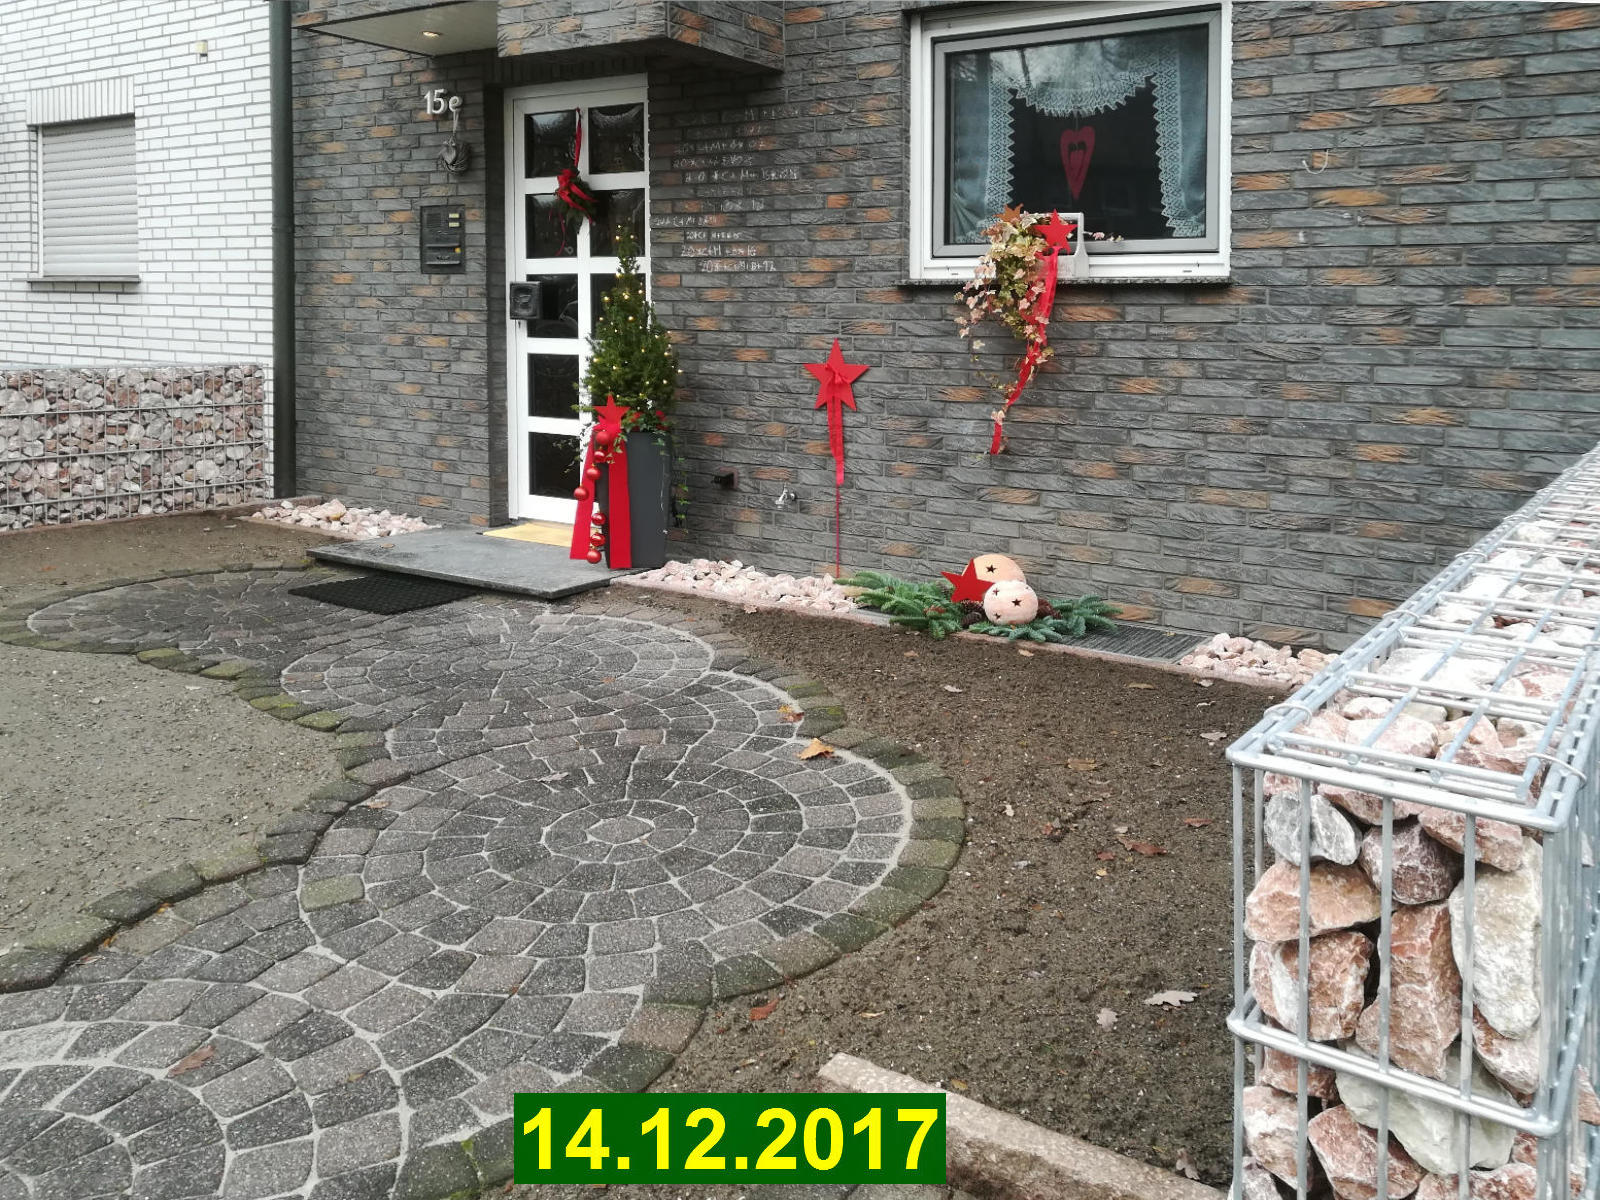 Vorgarten 14.12.2017